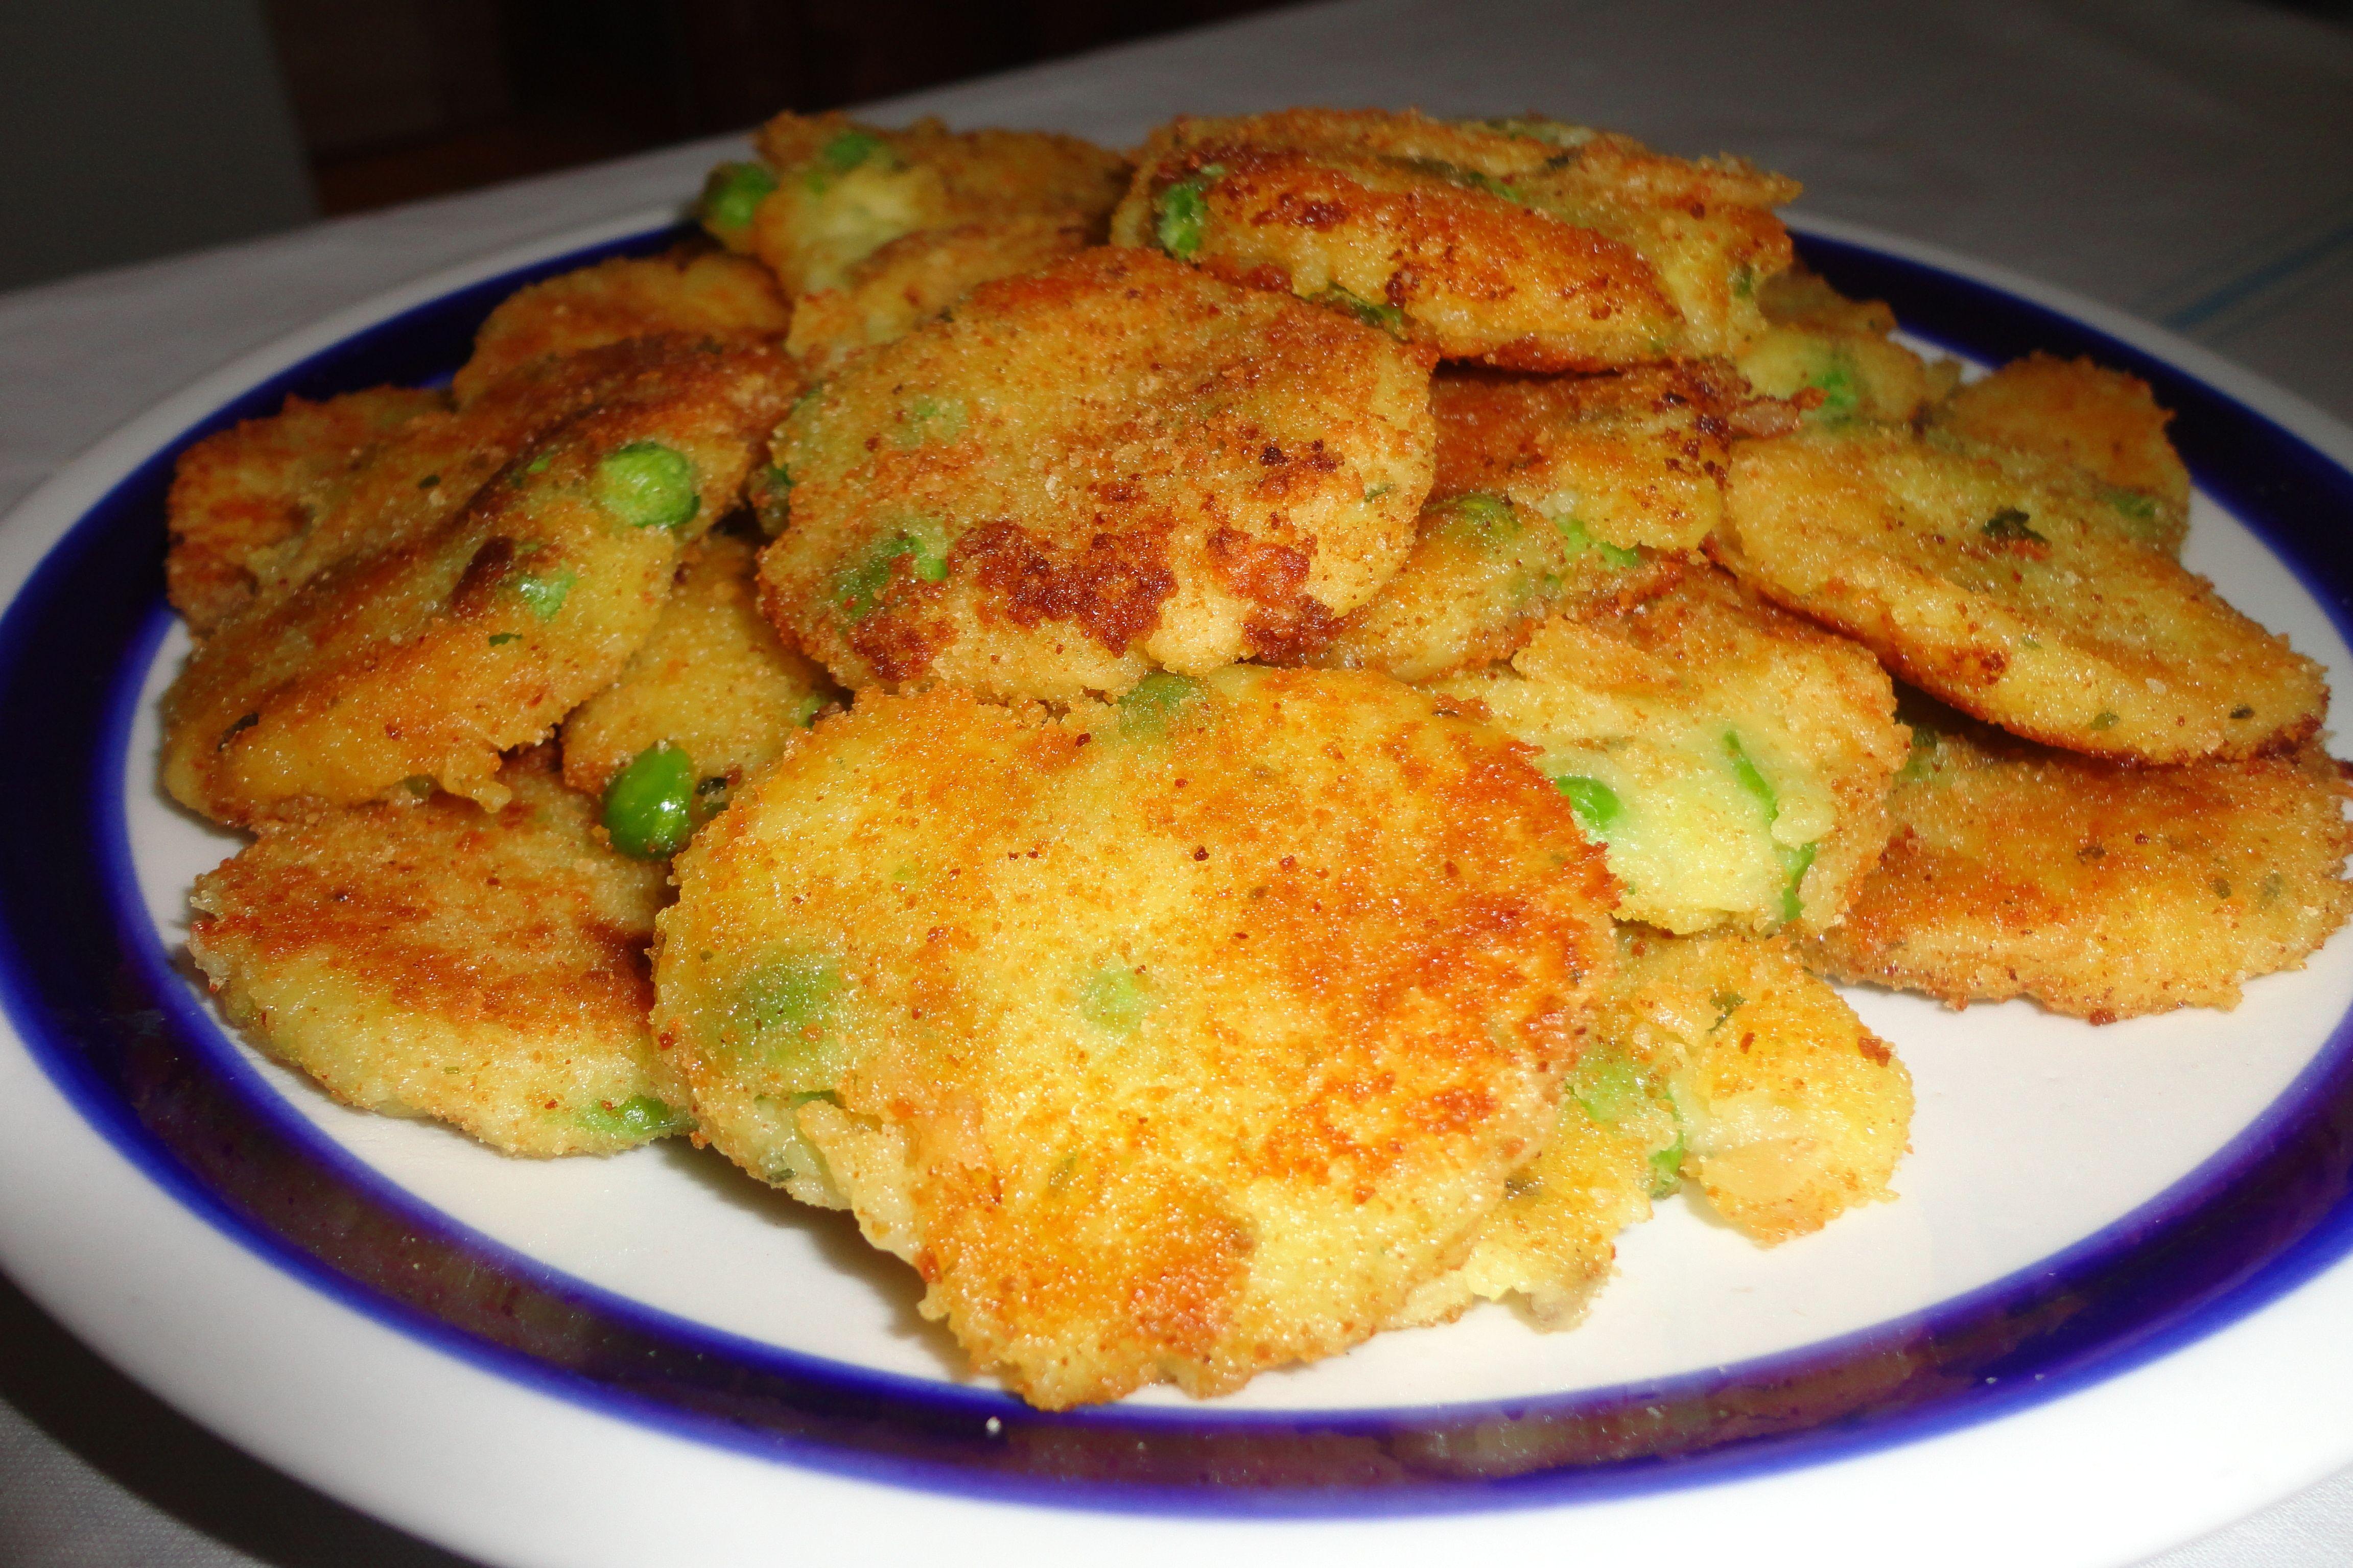 Polpette di patate e piselli 3 2 5 for Ricette con patate